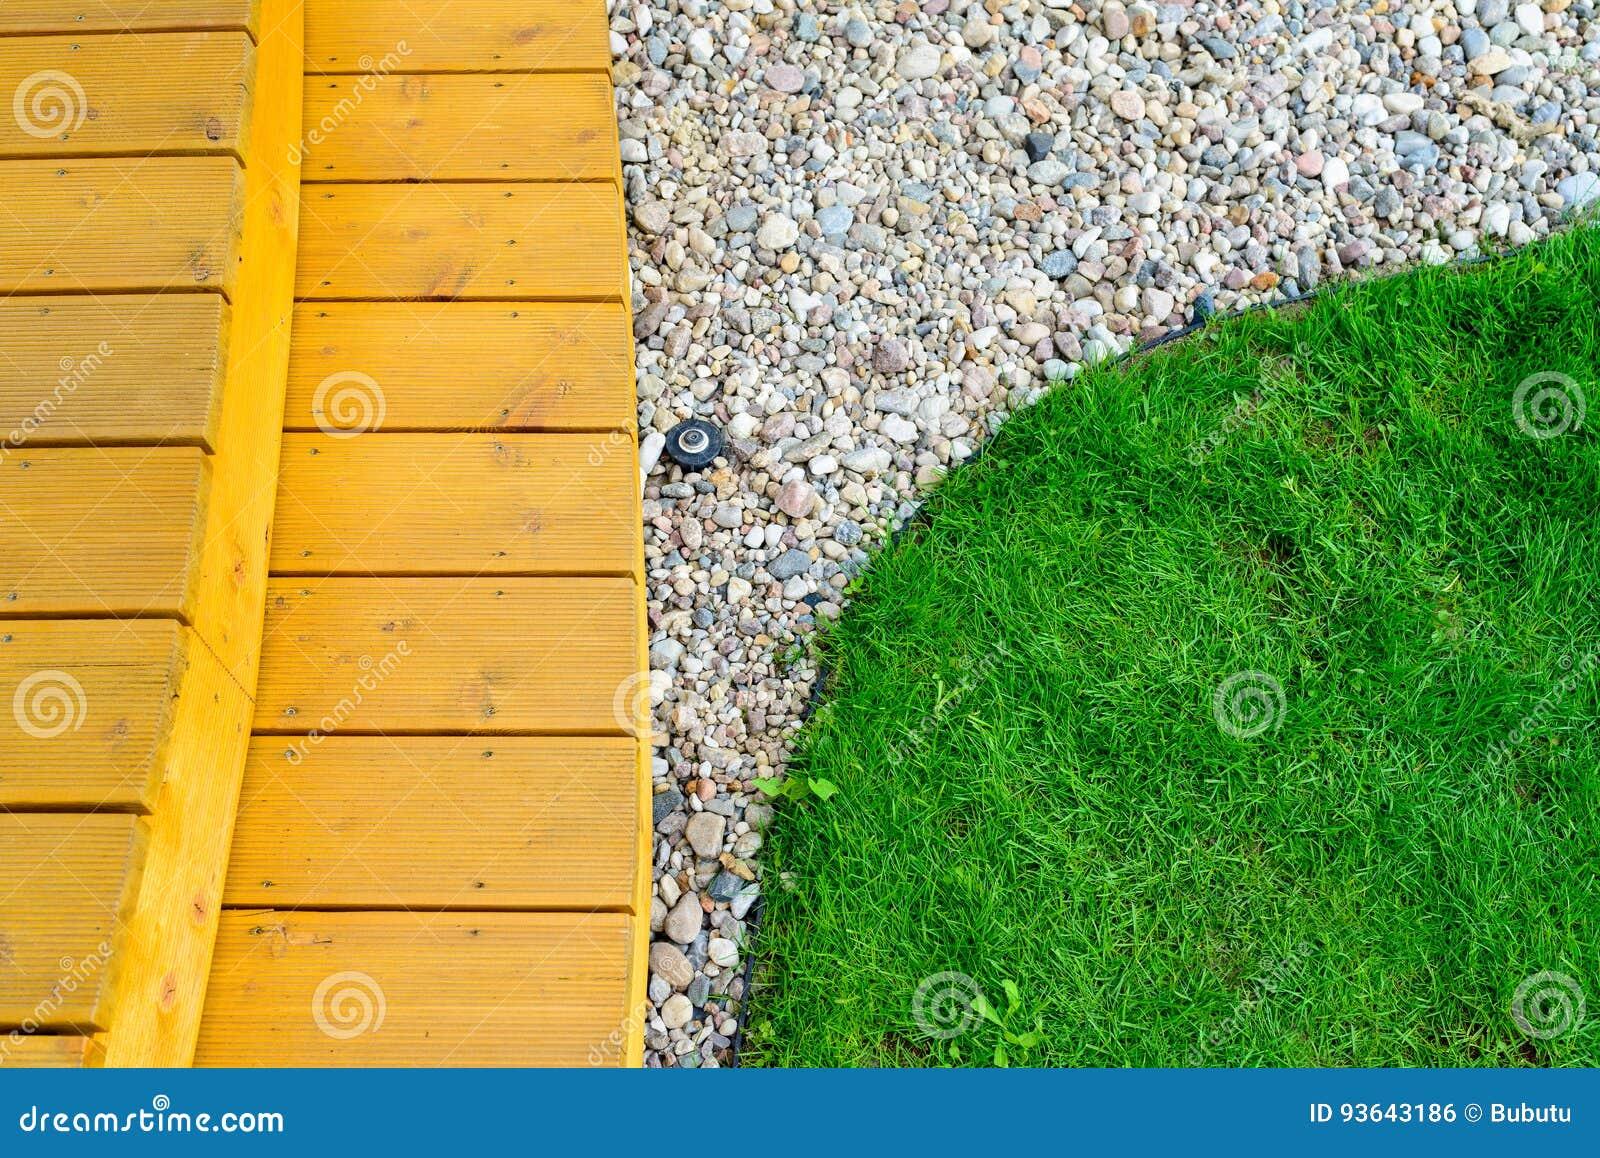 Fußboden Terrasse ~ Terrasse im formalen garten nach energiereinigung hellgrüner rasen